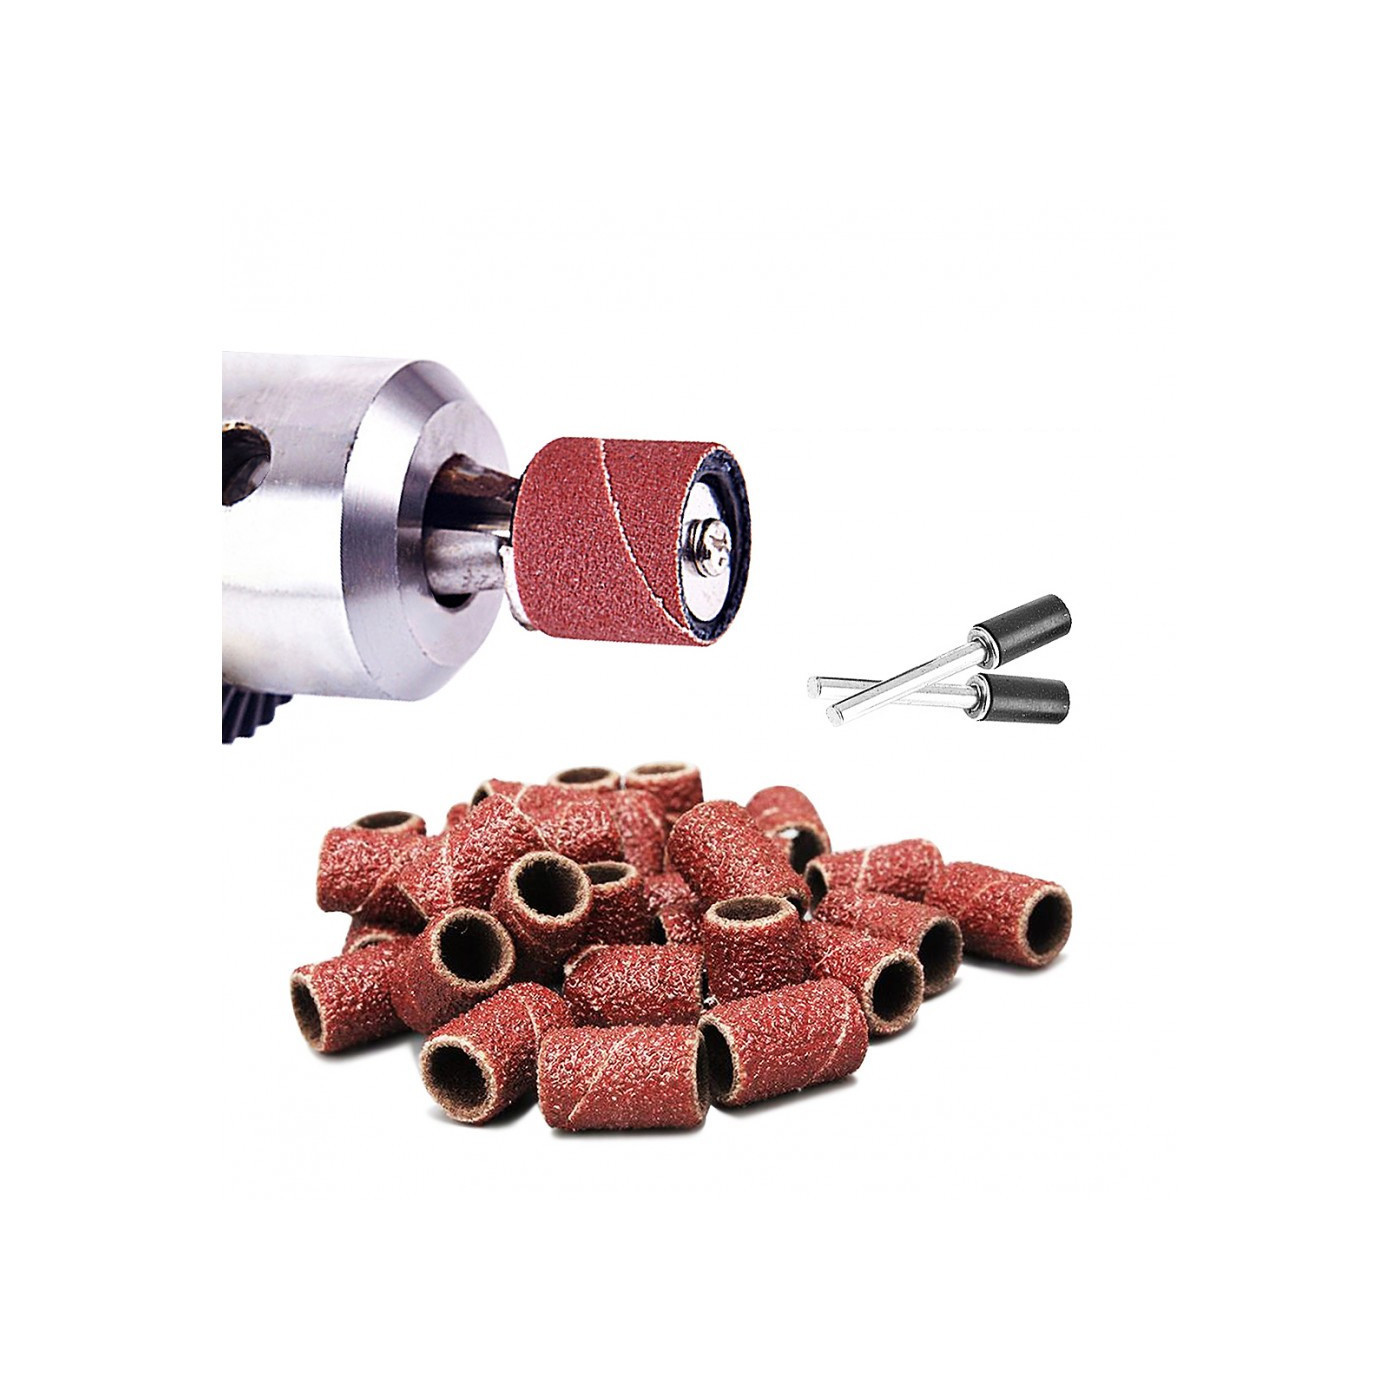 Conjunto de 60 bandas de lixar 8 mm, grão 80-600 com 2 varetas  - 1